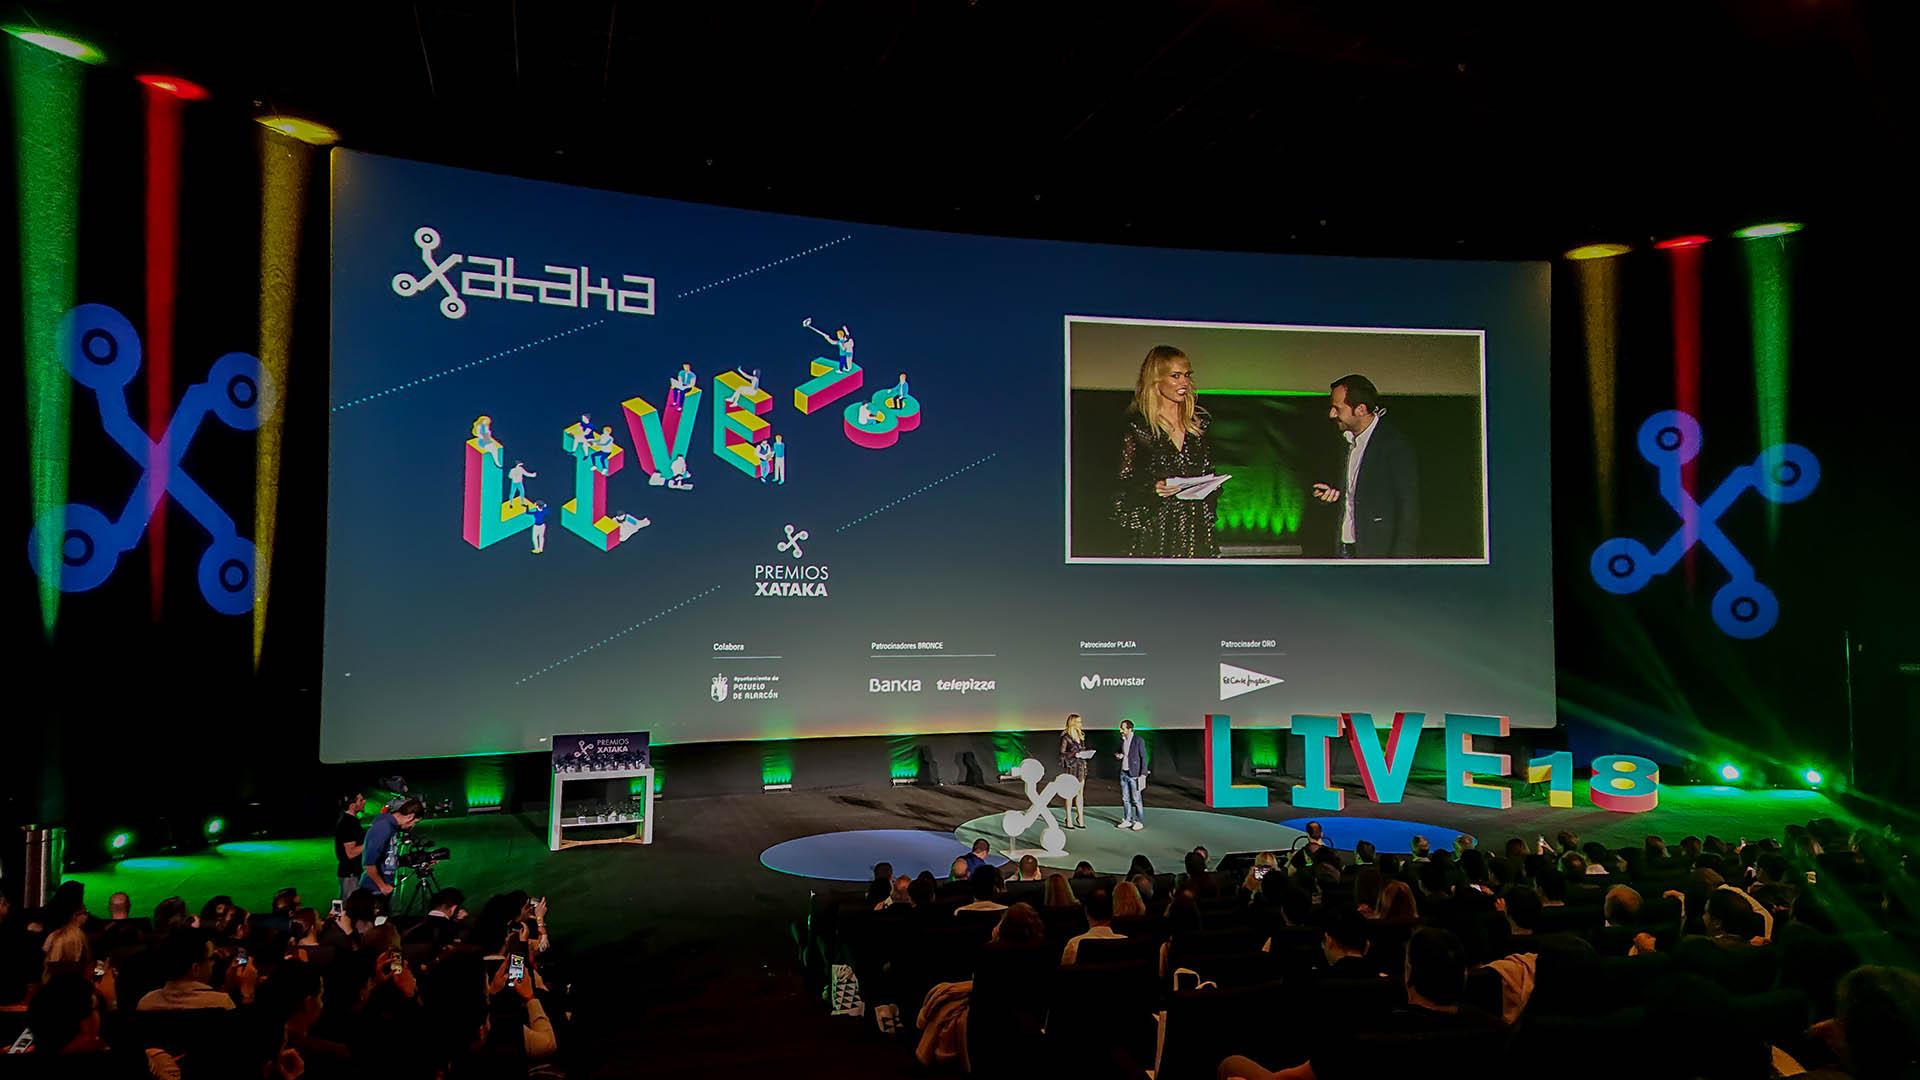 Evento presentación premios xataca. Montaje audiovisuales